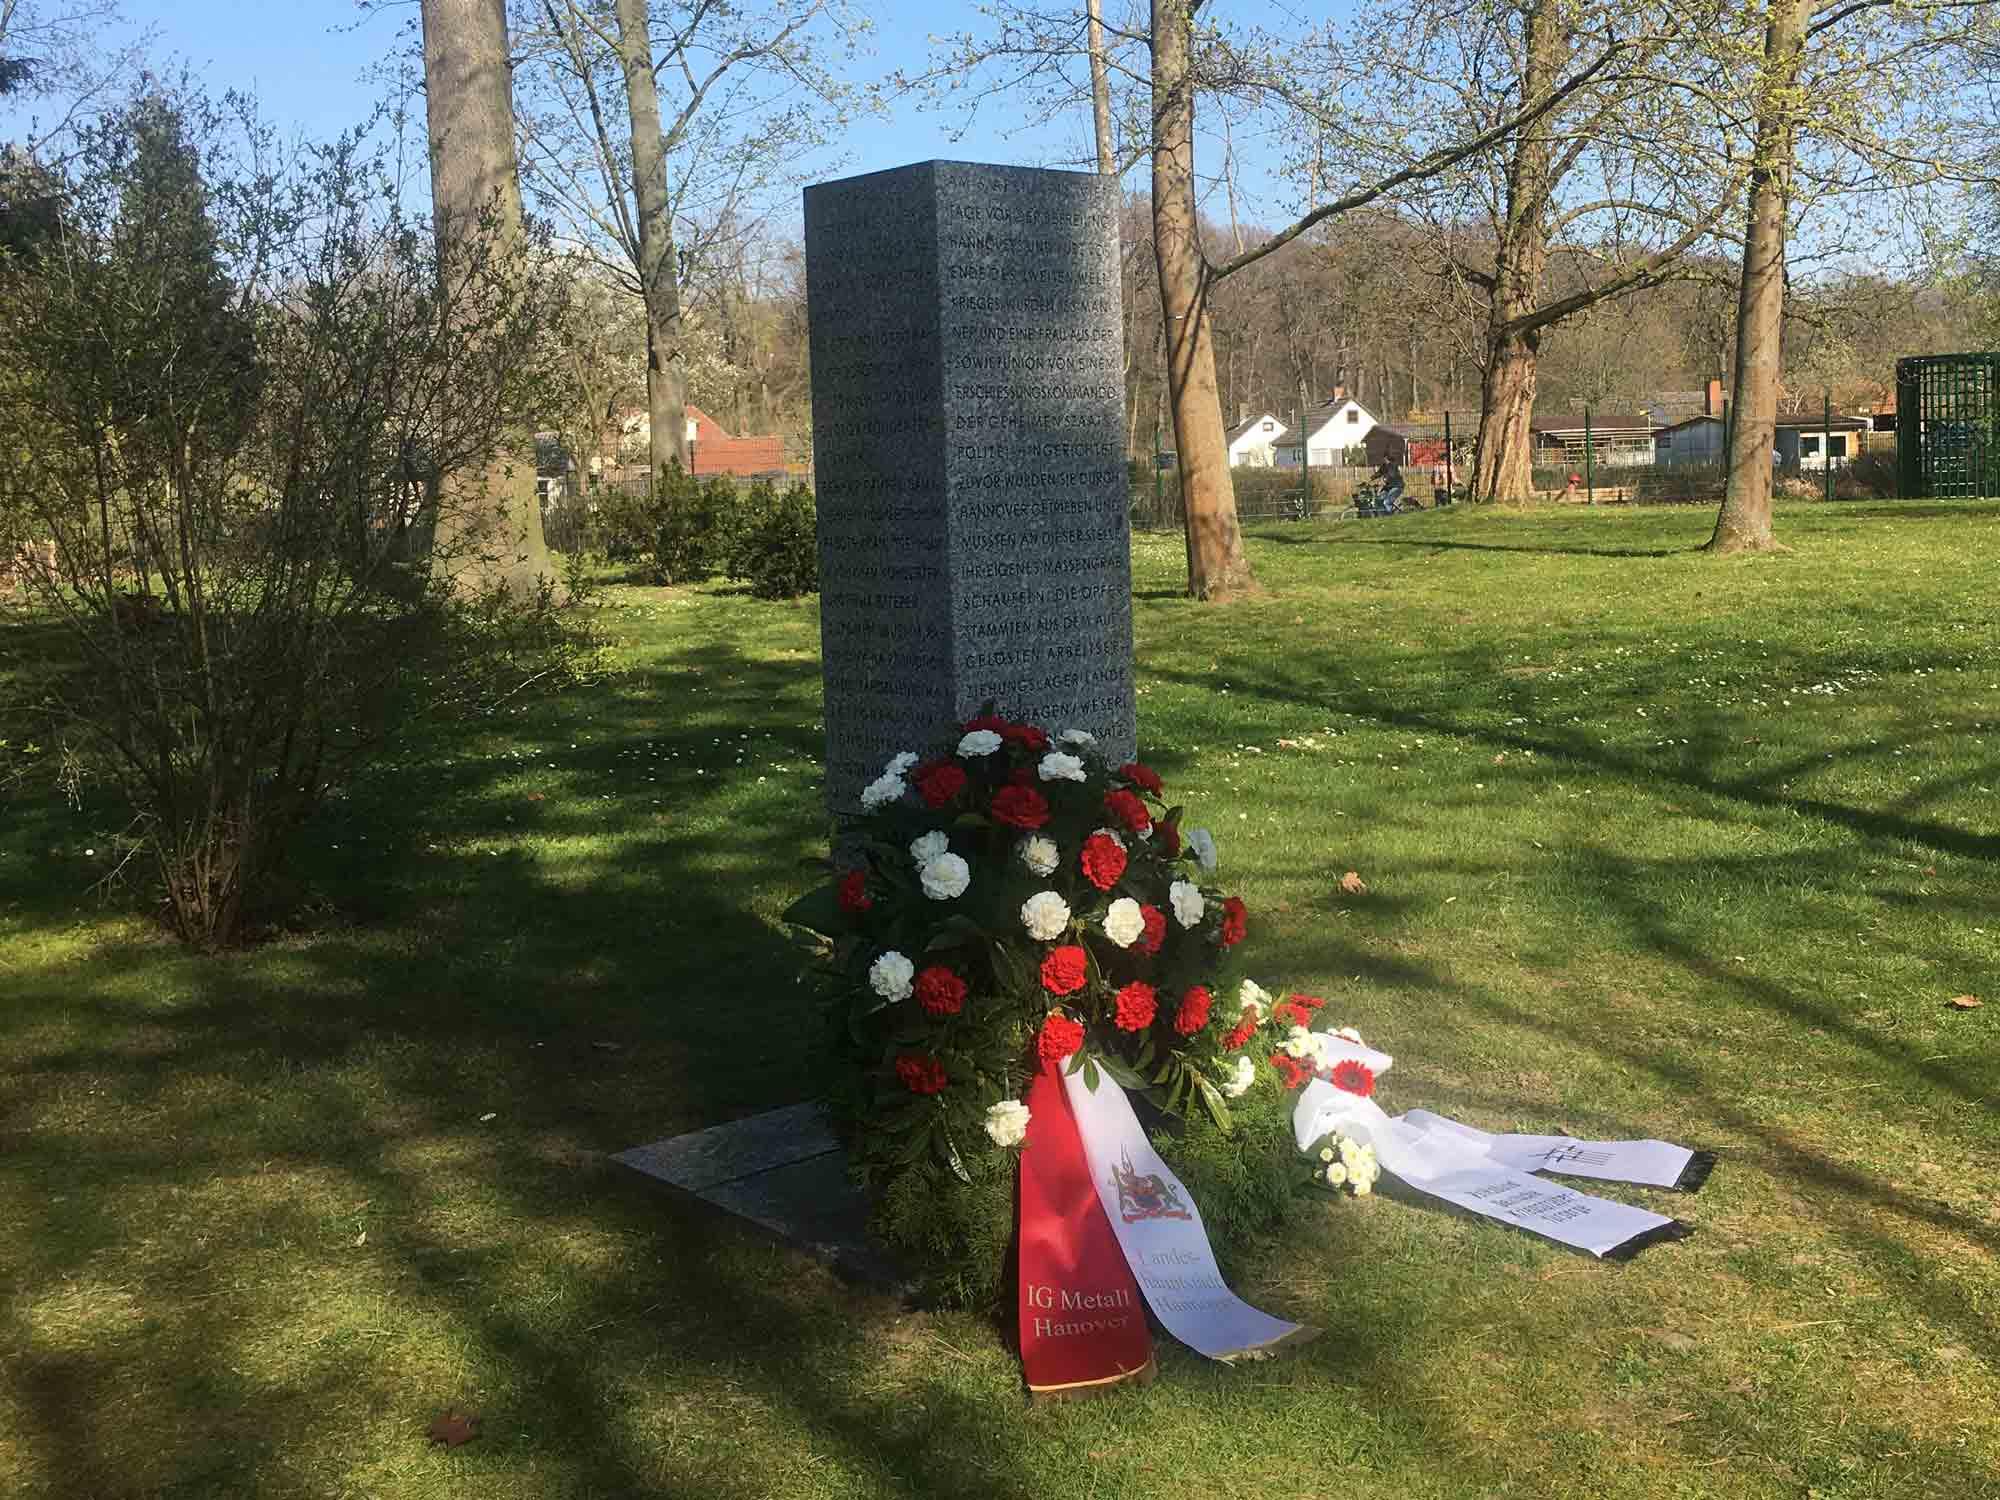 Stilles Gedenken am 6. April 2020 an der Gedenkstele für die Erschießungen auf dem Friedhof Seelhorst am 6. April 1945